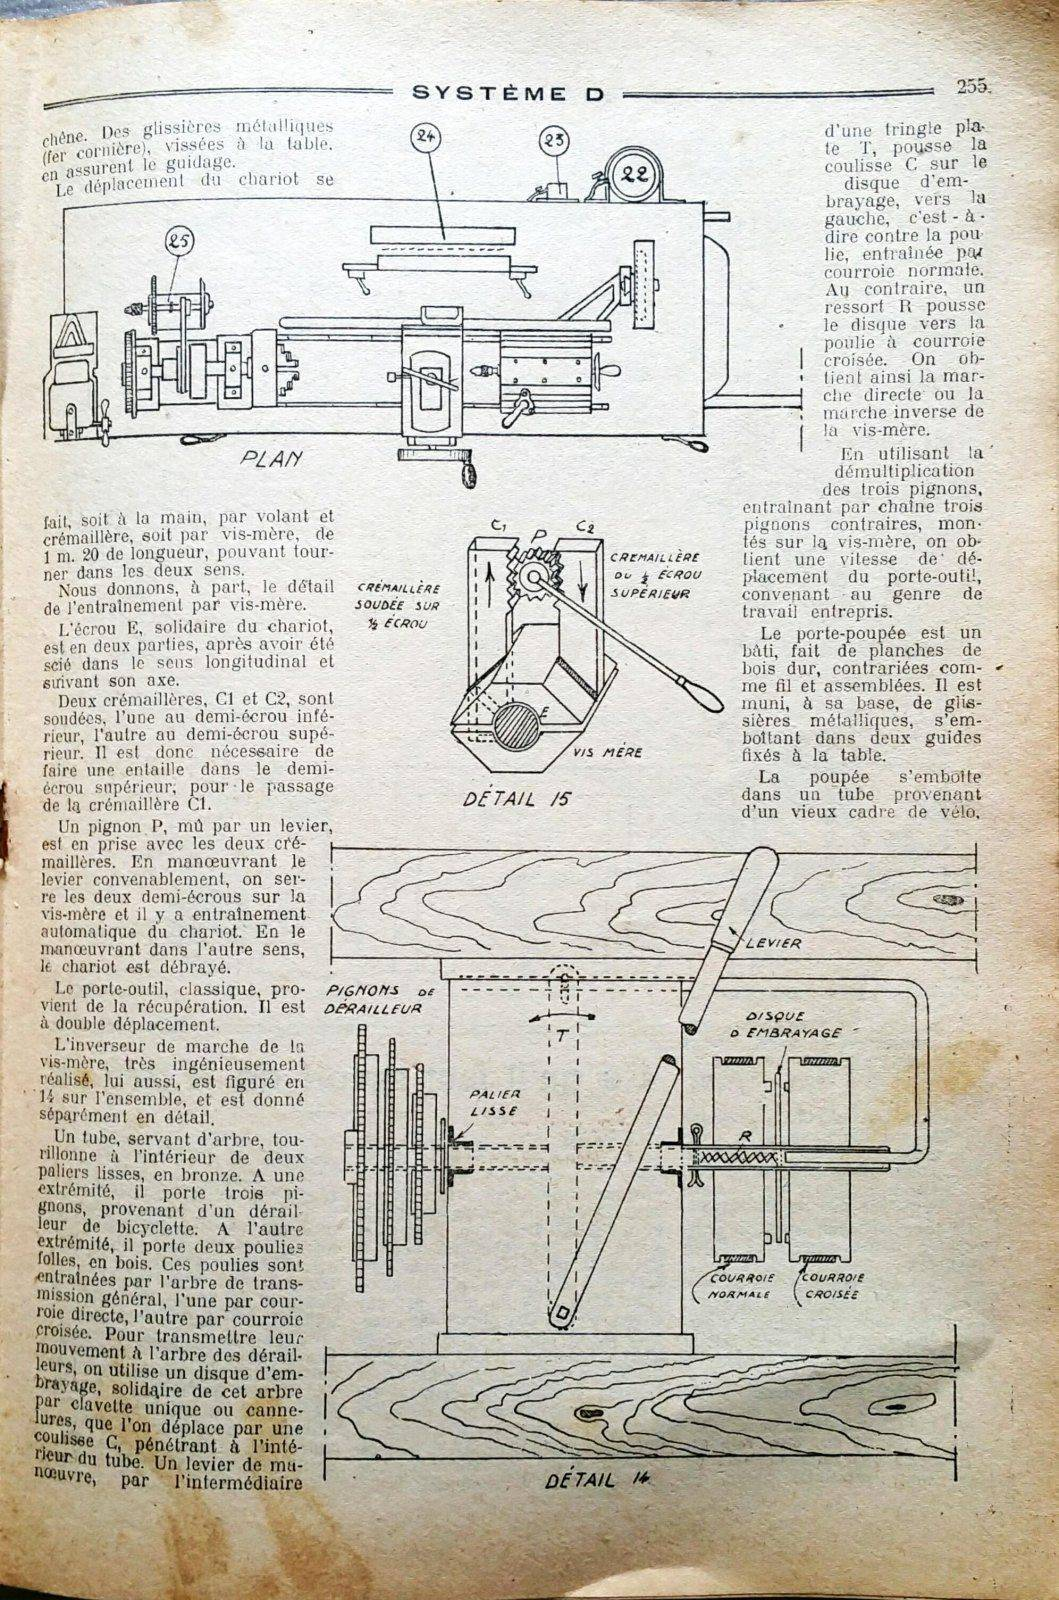 5 machines sur un même banc SD 60 1950 (2).jpg